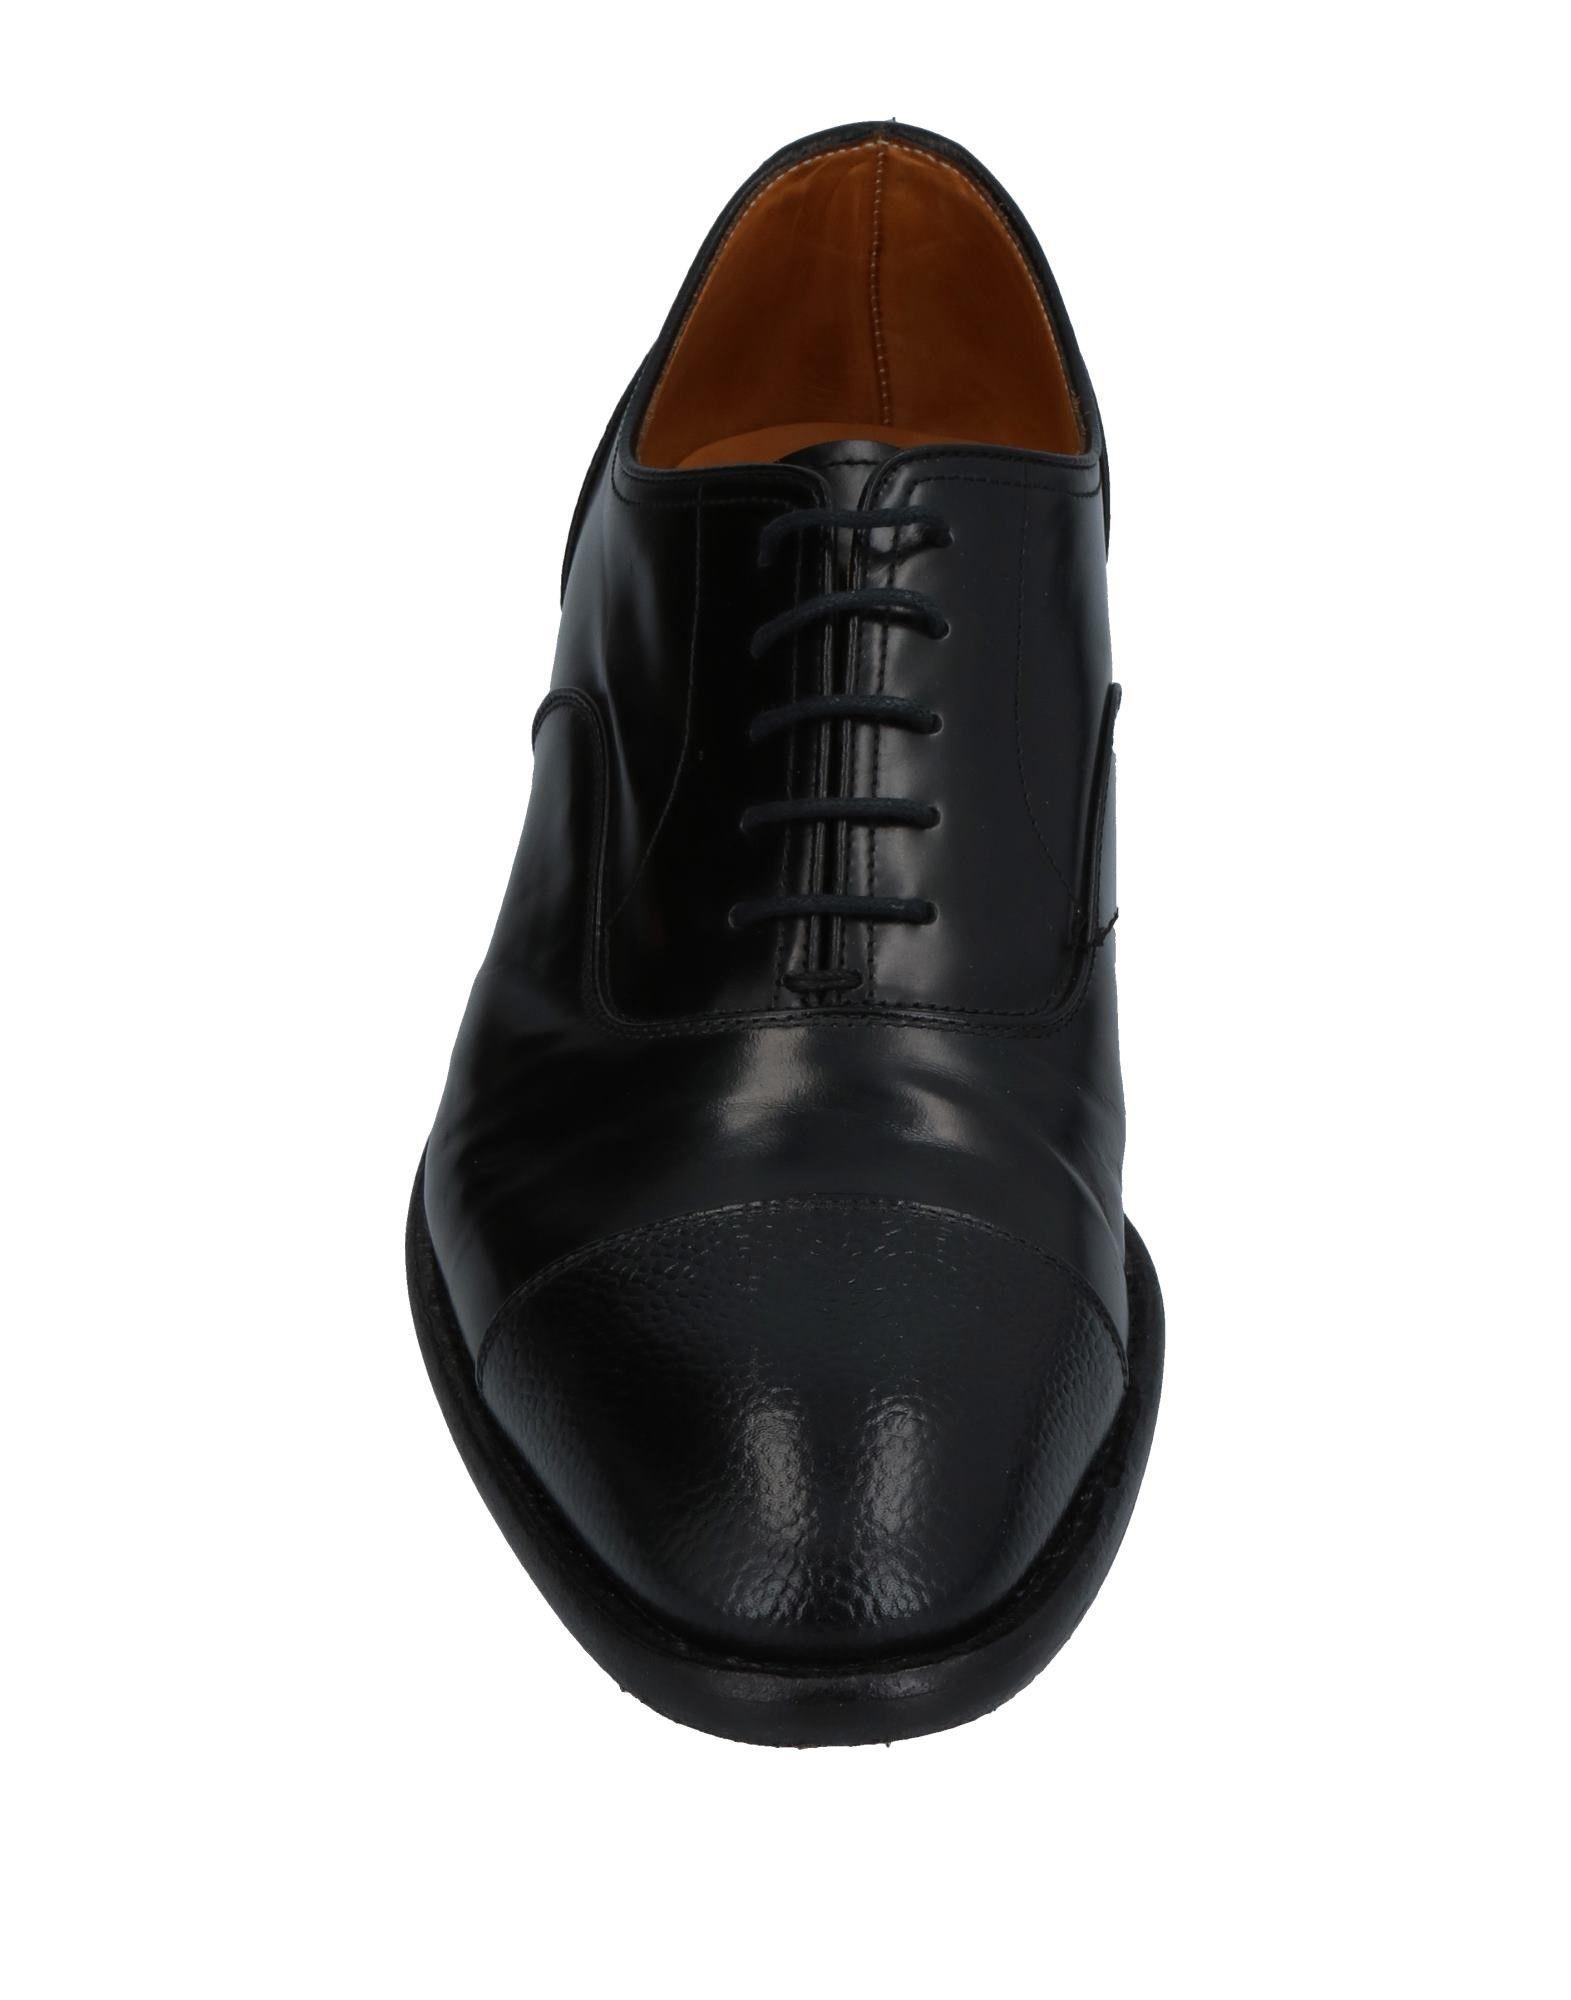 Chaussures À Lacets Sartori Gold Homme - Chaussures À Lacets Sartori Gold sur